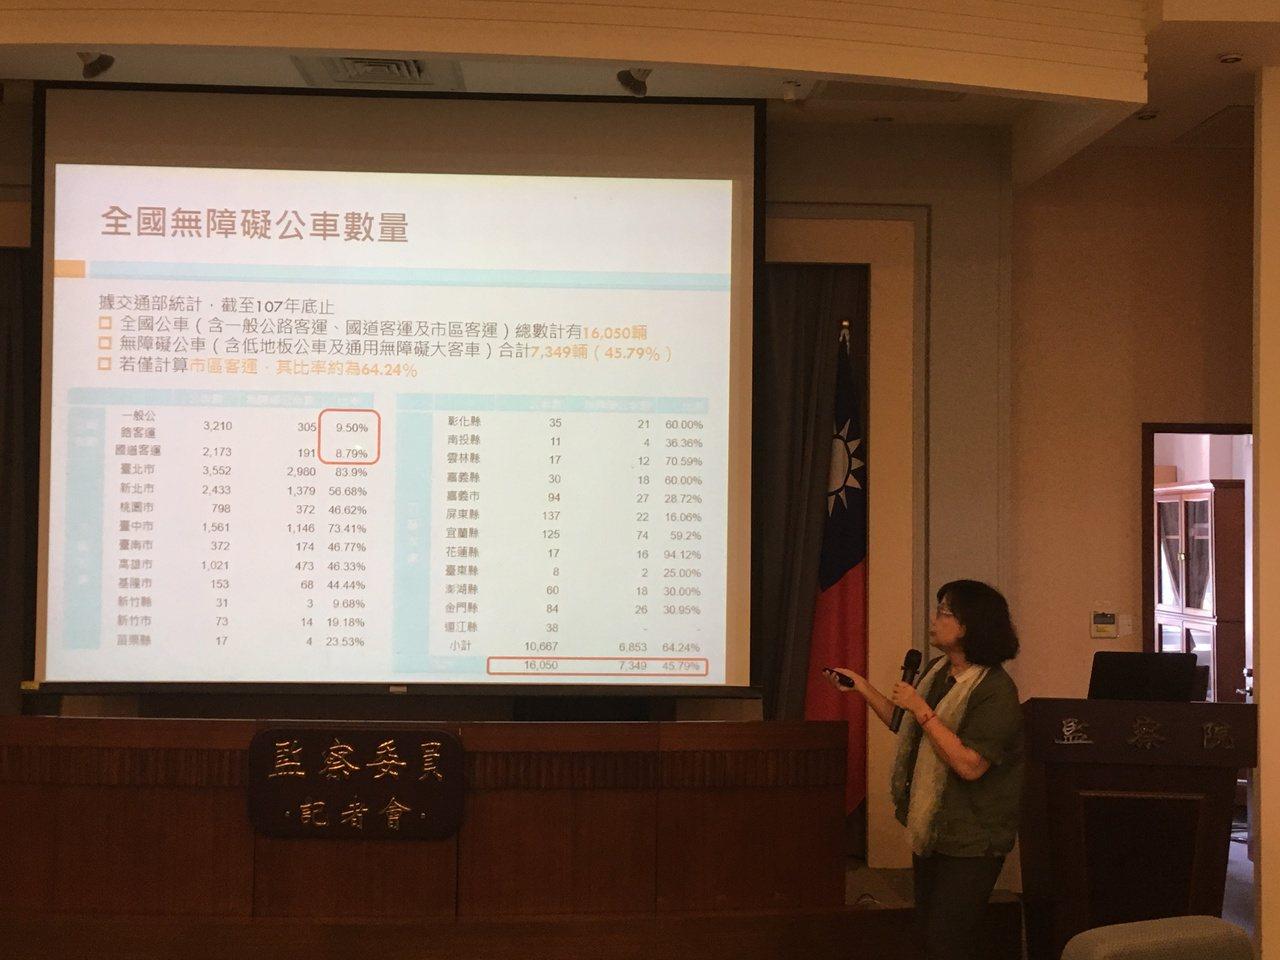 王幼玲舉行記者會,公布各縣市無障礙巴士數量與比例。記者程嘉文/攝影